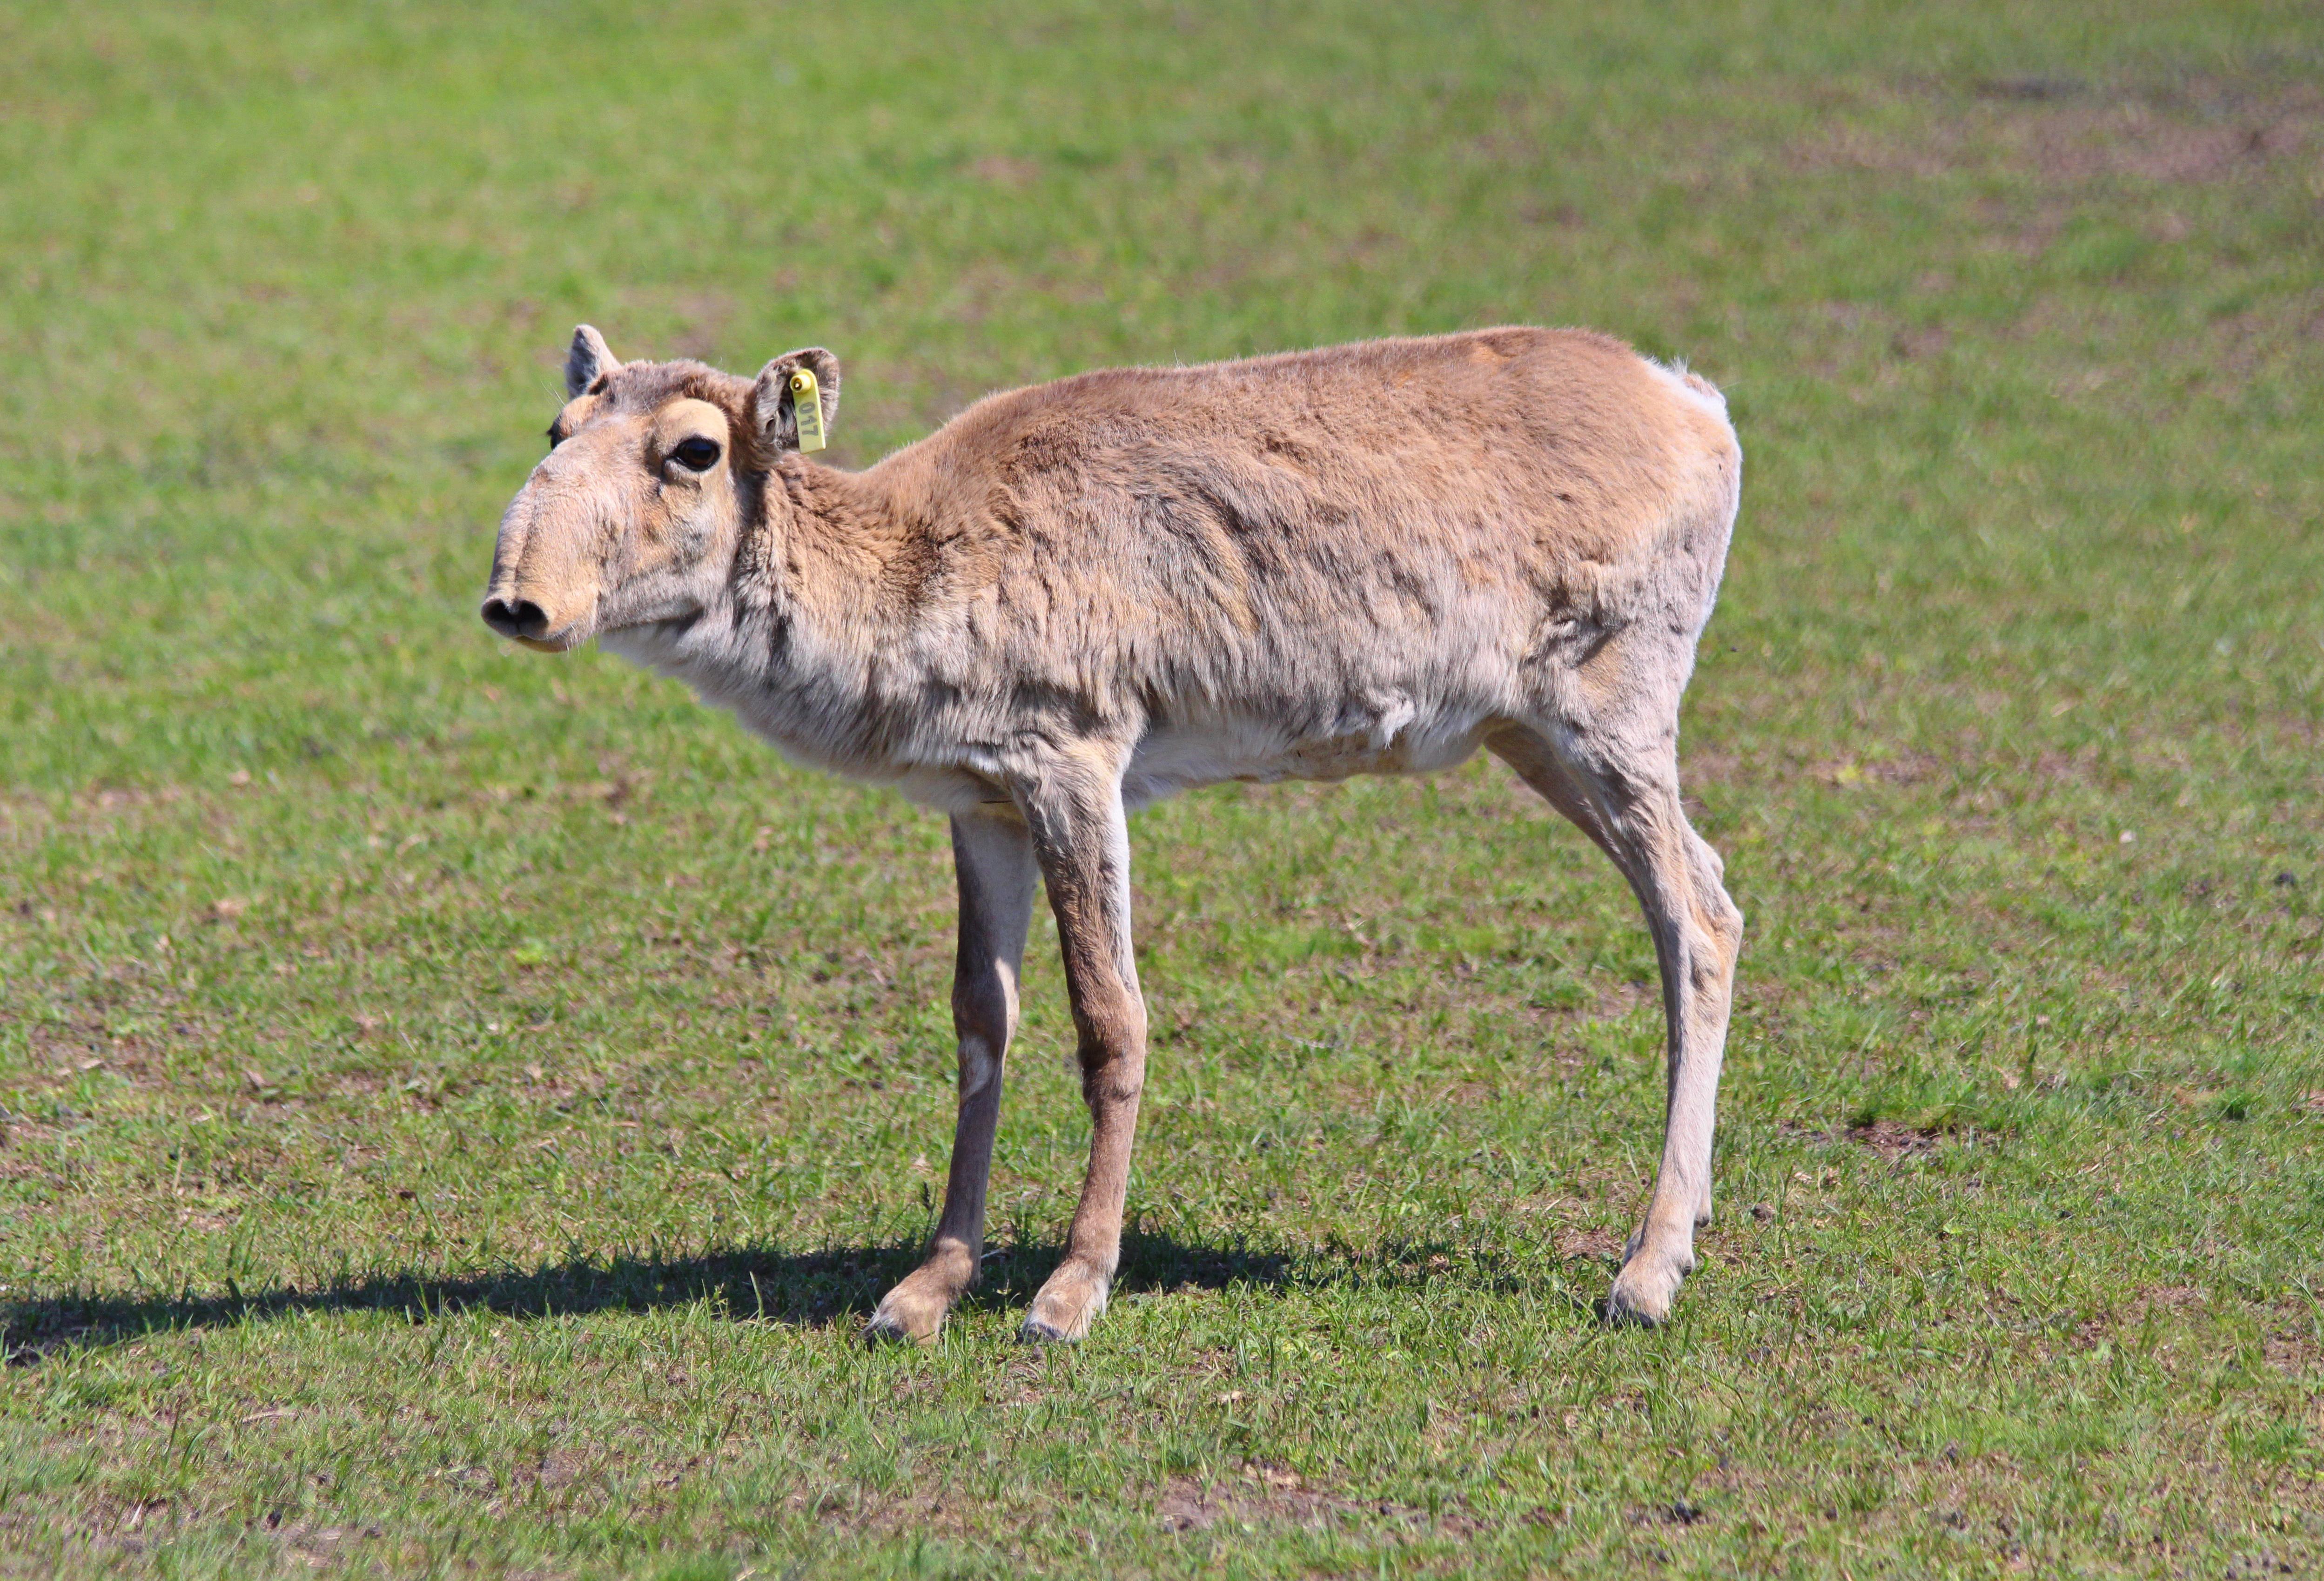 Mortalité massive d'antilopes saïga au Kazakhstan 1